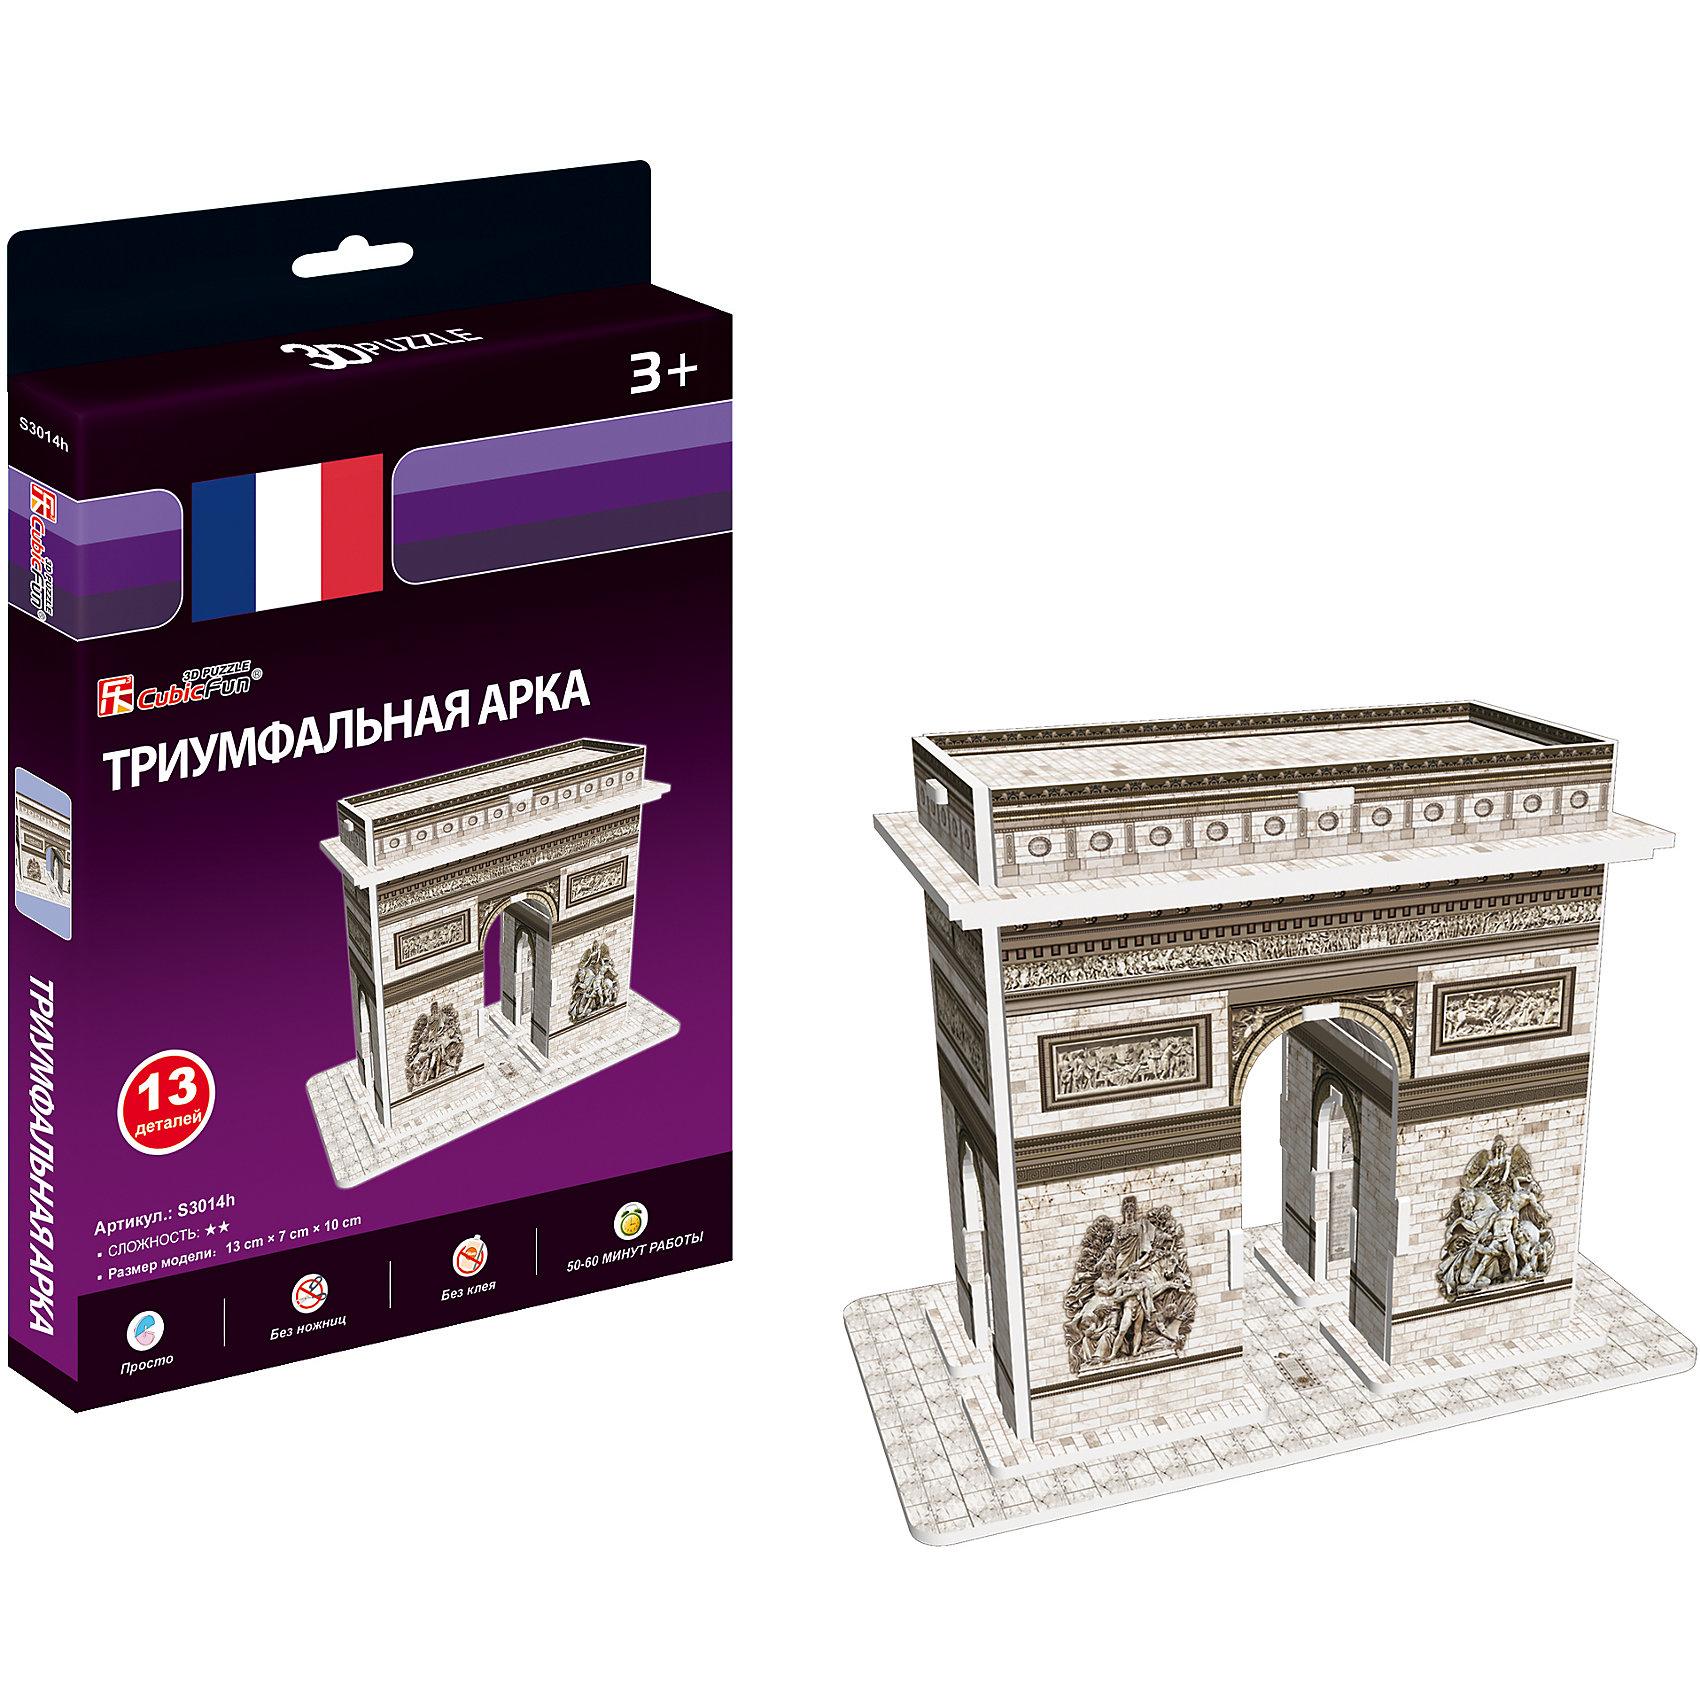 Триумфальная арка, Франция, CubicFun3D пазлы<br>Характеристики товара:<br><br>- цвет: разноцветный;<br>- материал: ламинированный пенокартон;<br>- комплектация: 13 деталей;<br>- особенности: легко собирается без инструментов;<br>- размер: 17х13х10 см;<br>- размер упаковки: 2х25х16 см;<br>- вес: 130 г.<br><br>Такое увлекательное занятие, как сборка 3D-пазла не оставит ребенка равнодушным! После сборки он получит фигурку одного из знаменитейший зданий в мире! Игрушка отлично детализирована, детали очень качественно выполнены, поэтому она станет отличным подарком ребенку. Для её сборки не нужен клей - достаточно прикрепить детали друг к другу! Такой комплект помогает развить логику, творческие способности ребенка, мышление, внимание, воображение и мелкую моторику.<br>Изделие произведено из высококачественного материала, безопасного для детей.<br><br>3D-пазл Триумфальная арка, Франция от бренда CubicFun можно купить в нашем интернет-магазине.<br><br>Ширина мм: 20<br>Глубина мм: 250<br>Высота мм: 160<br>Вес г: 129<br>Возраст от месяцев: 36<br>Возраст до месяцев: 2147483647<br>Пол: Унисекс<br>Возраст: Детский<br>SKU: 5039900